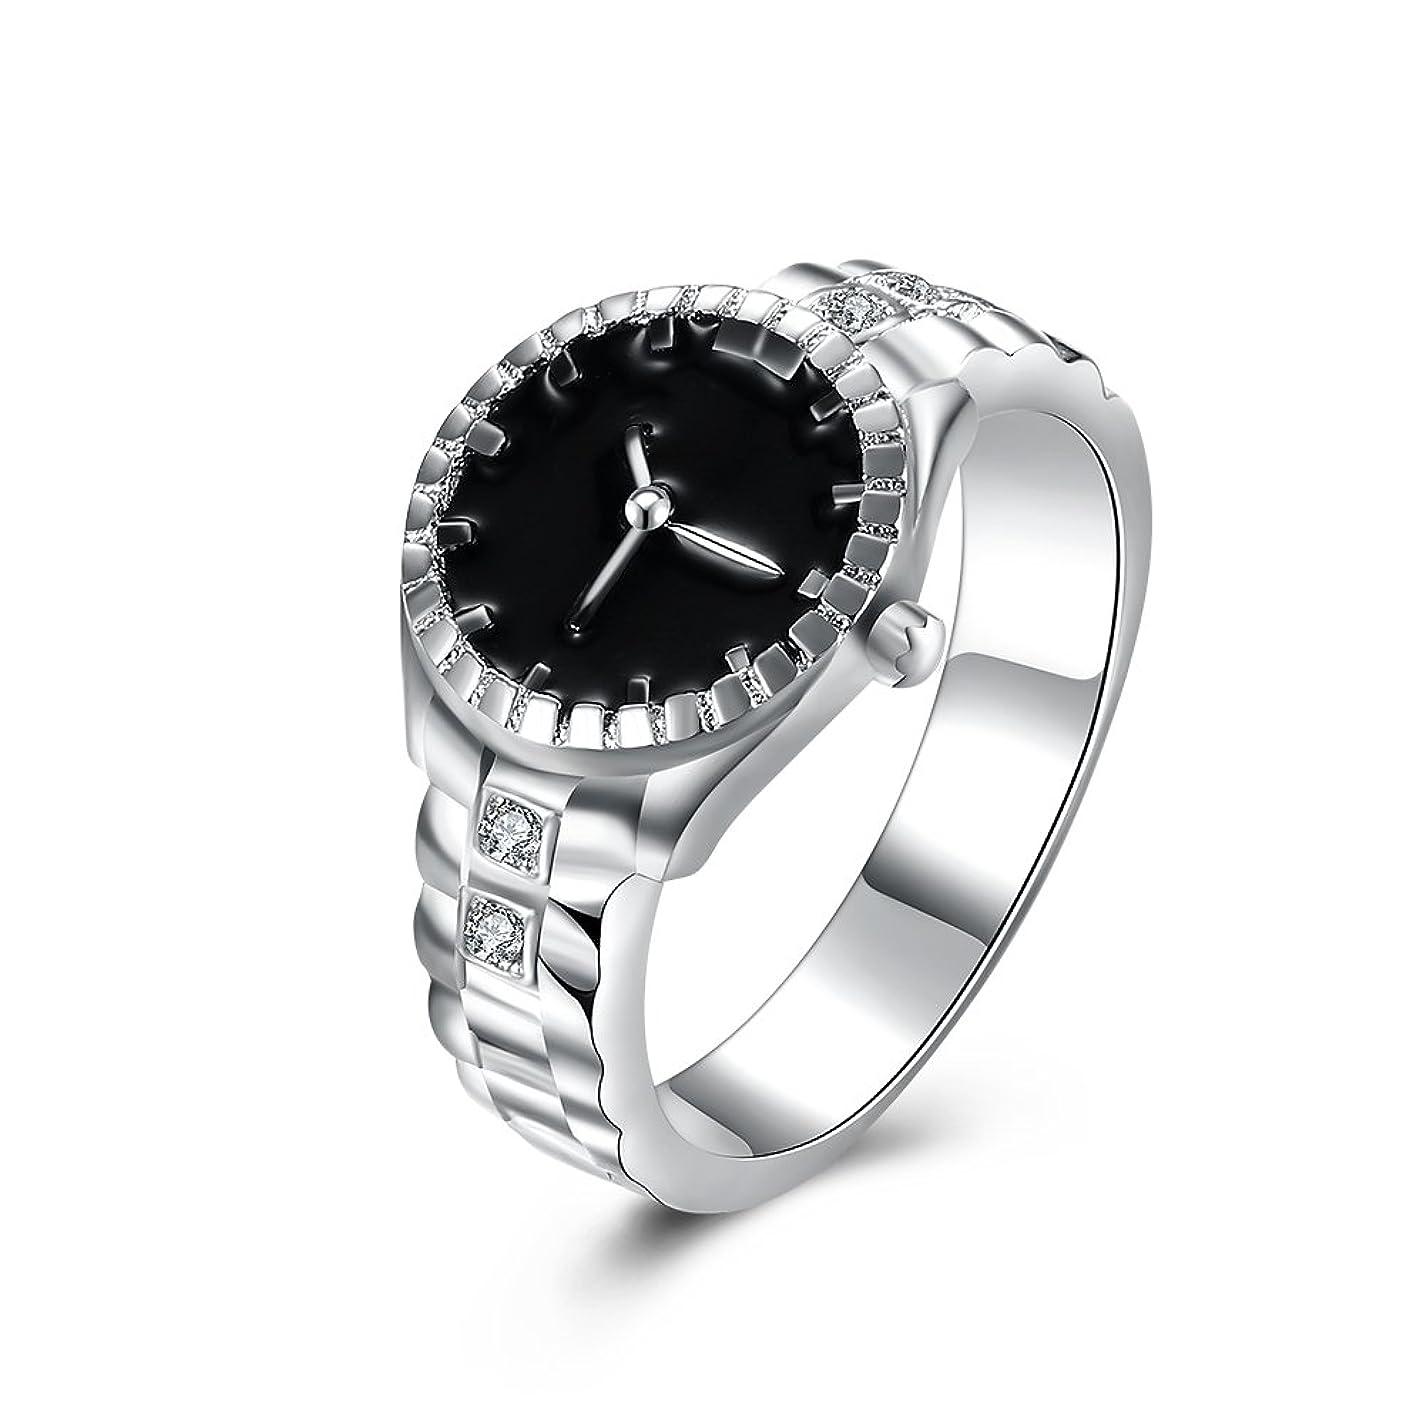 レーニン主義プール服を着る925スターリングシルバーメッキ時計型ダイヤモンドリングファッションジュエリー周年記念ギフト (マルチカラー)